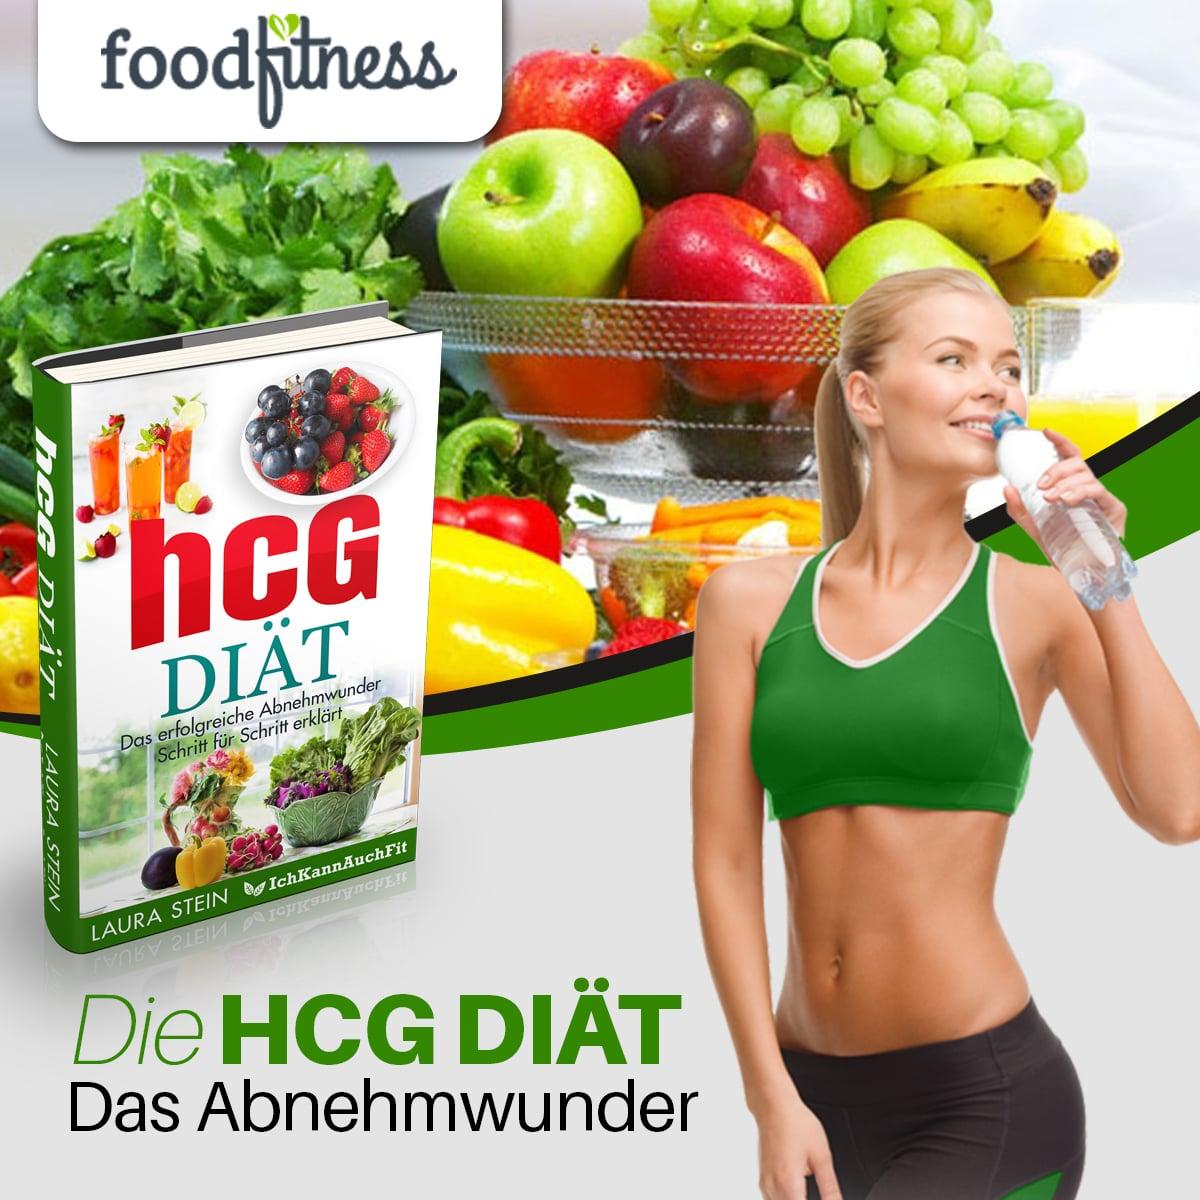 Kaufen Sie HCG-Injektionen zur Gewichtsreduktion